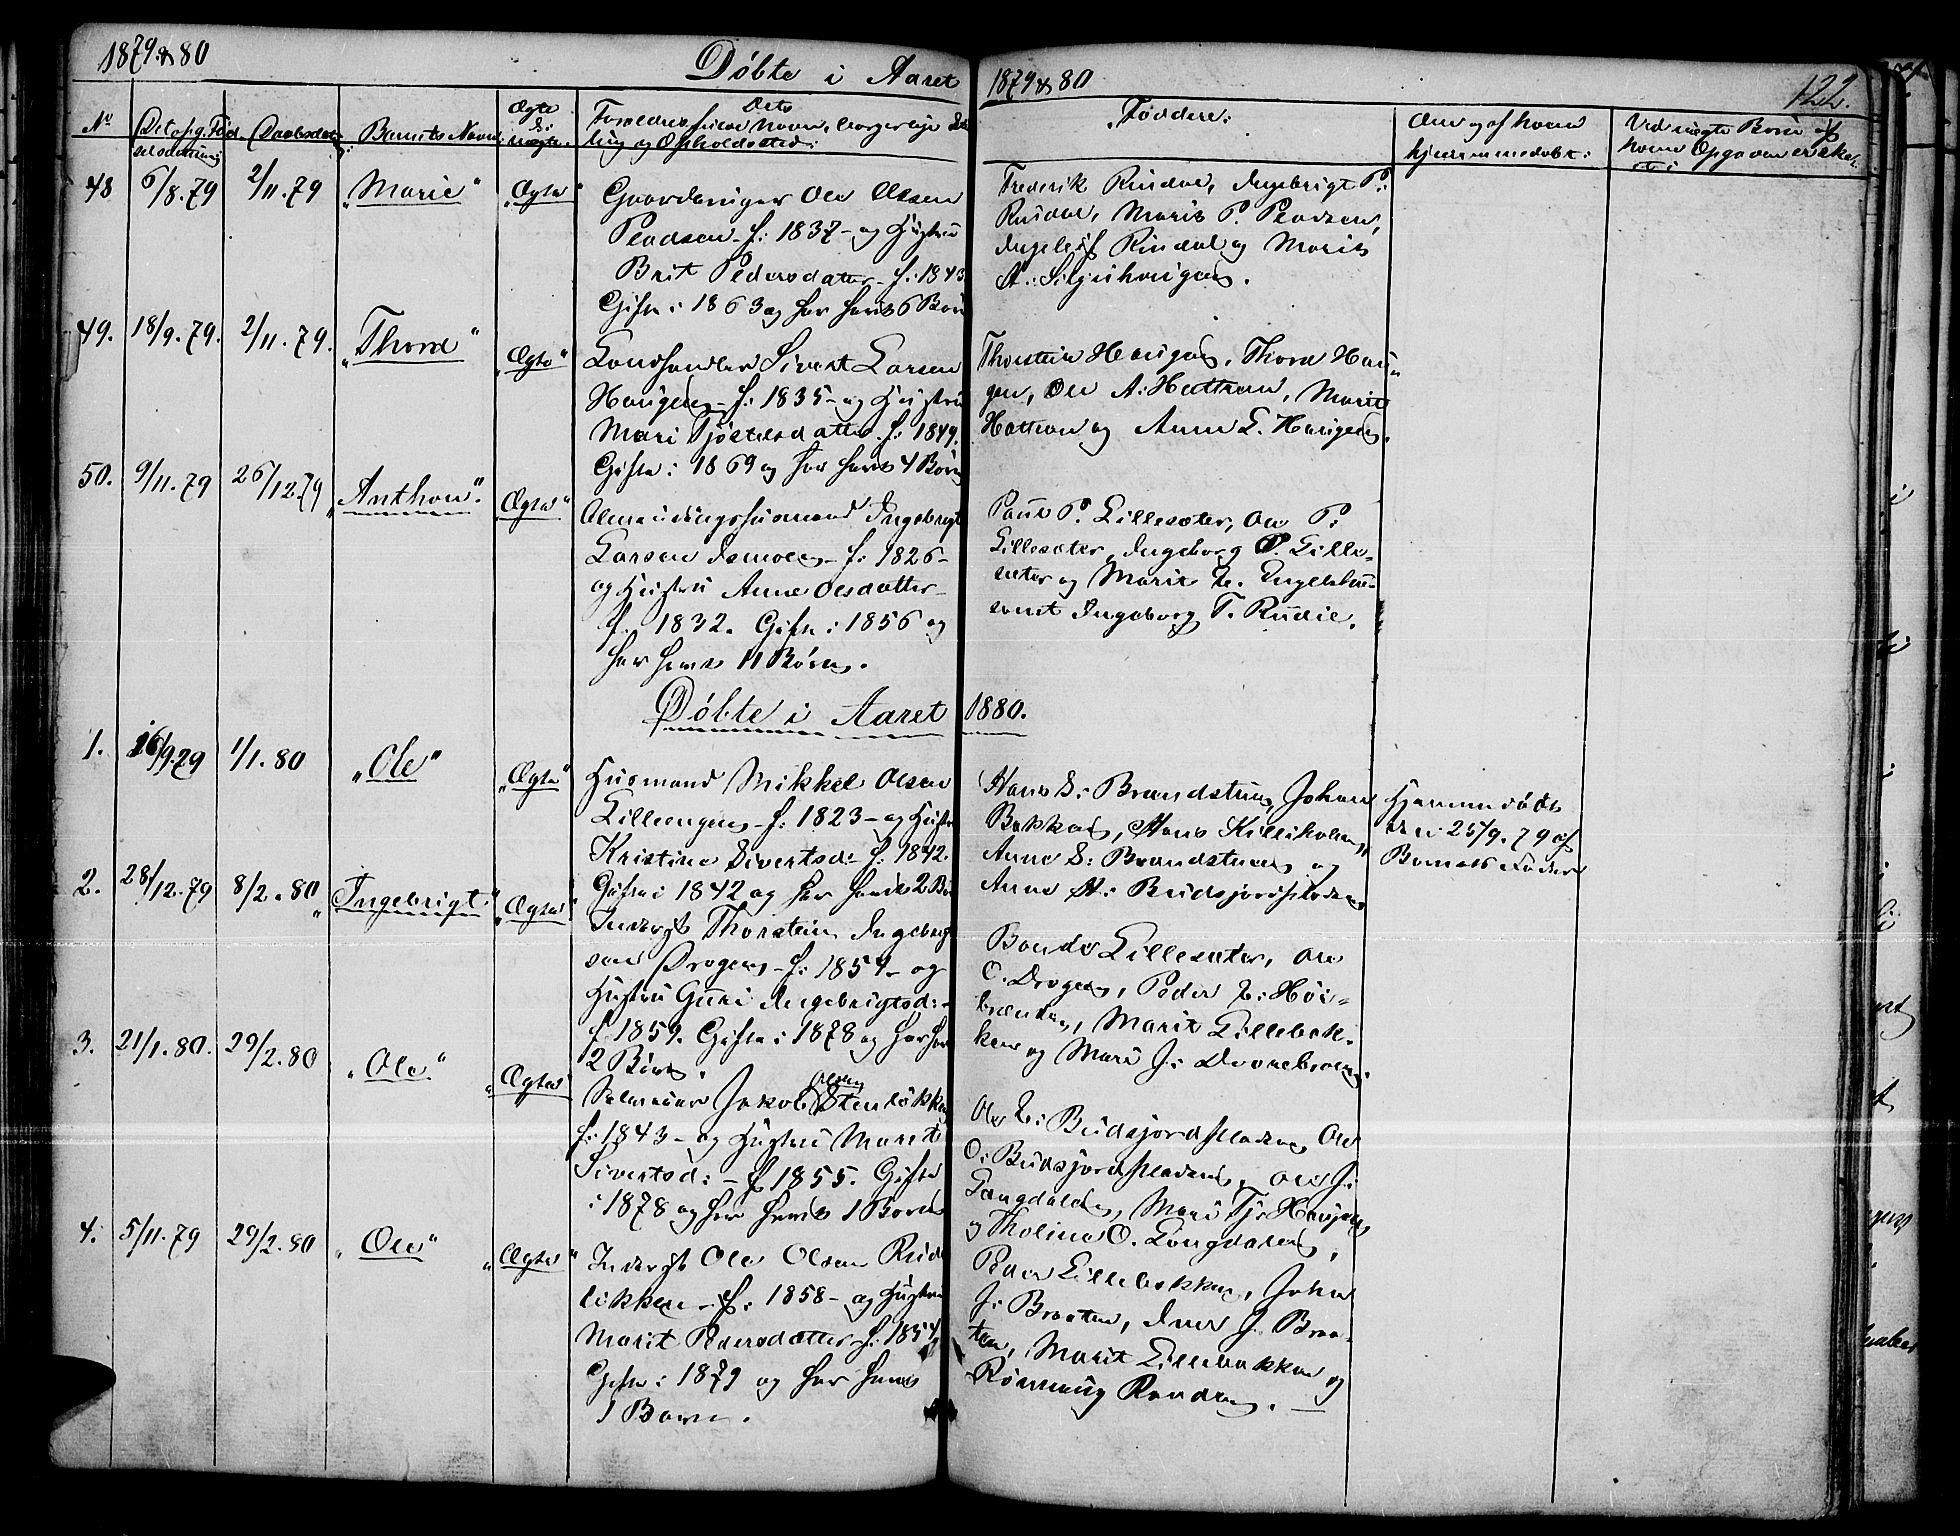 SAH, Dovre prestekontor, Klokkerbok nr. 1, 1862-1880, s. 122